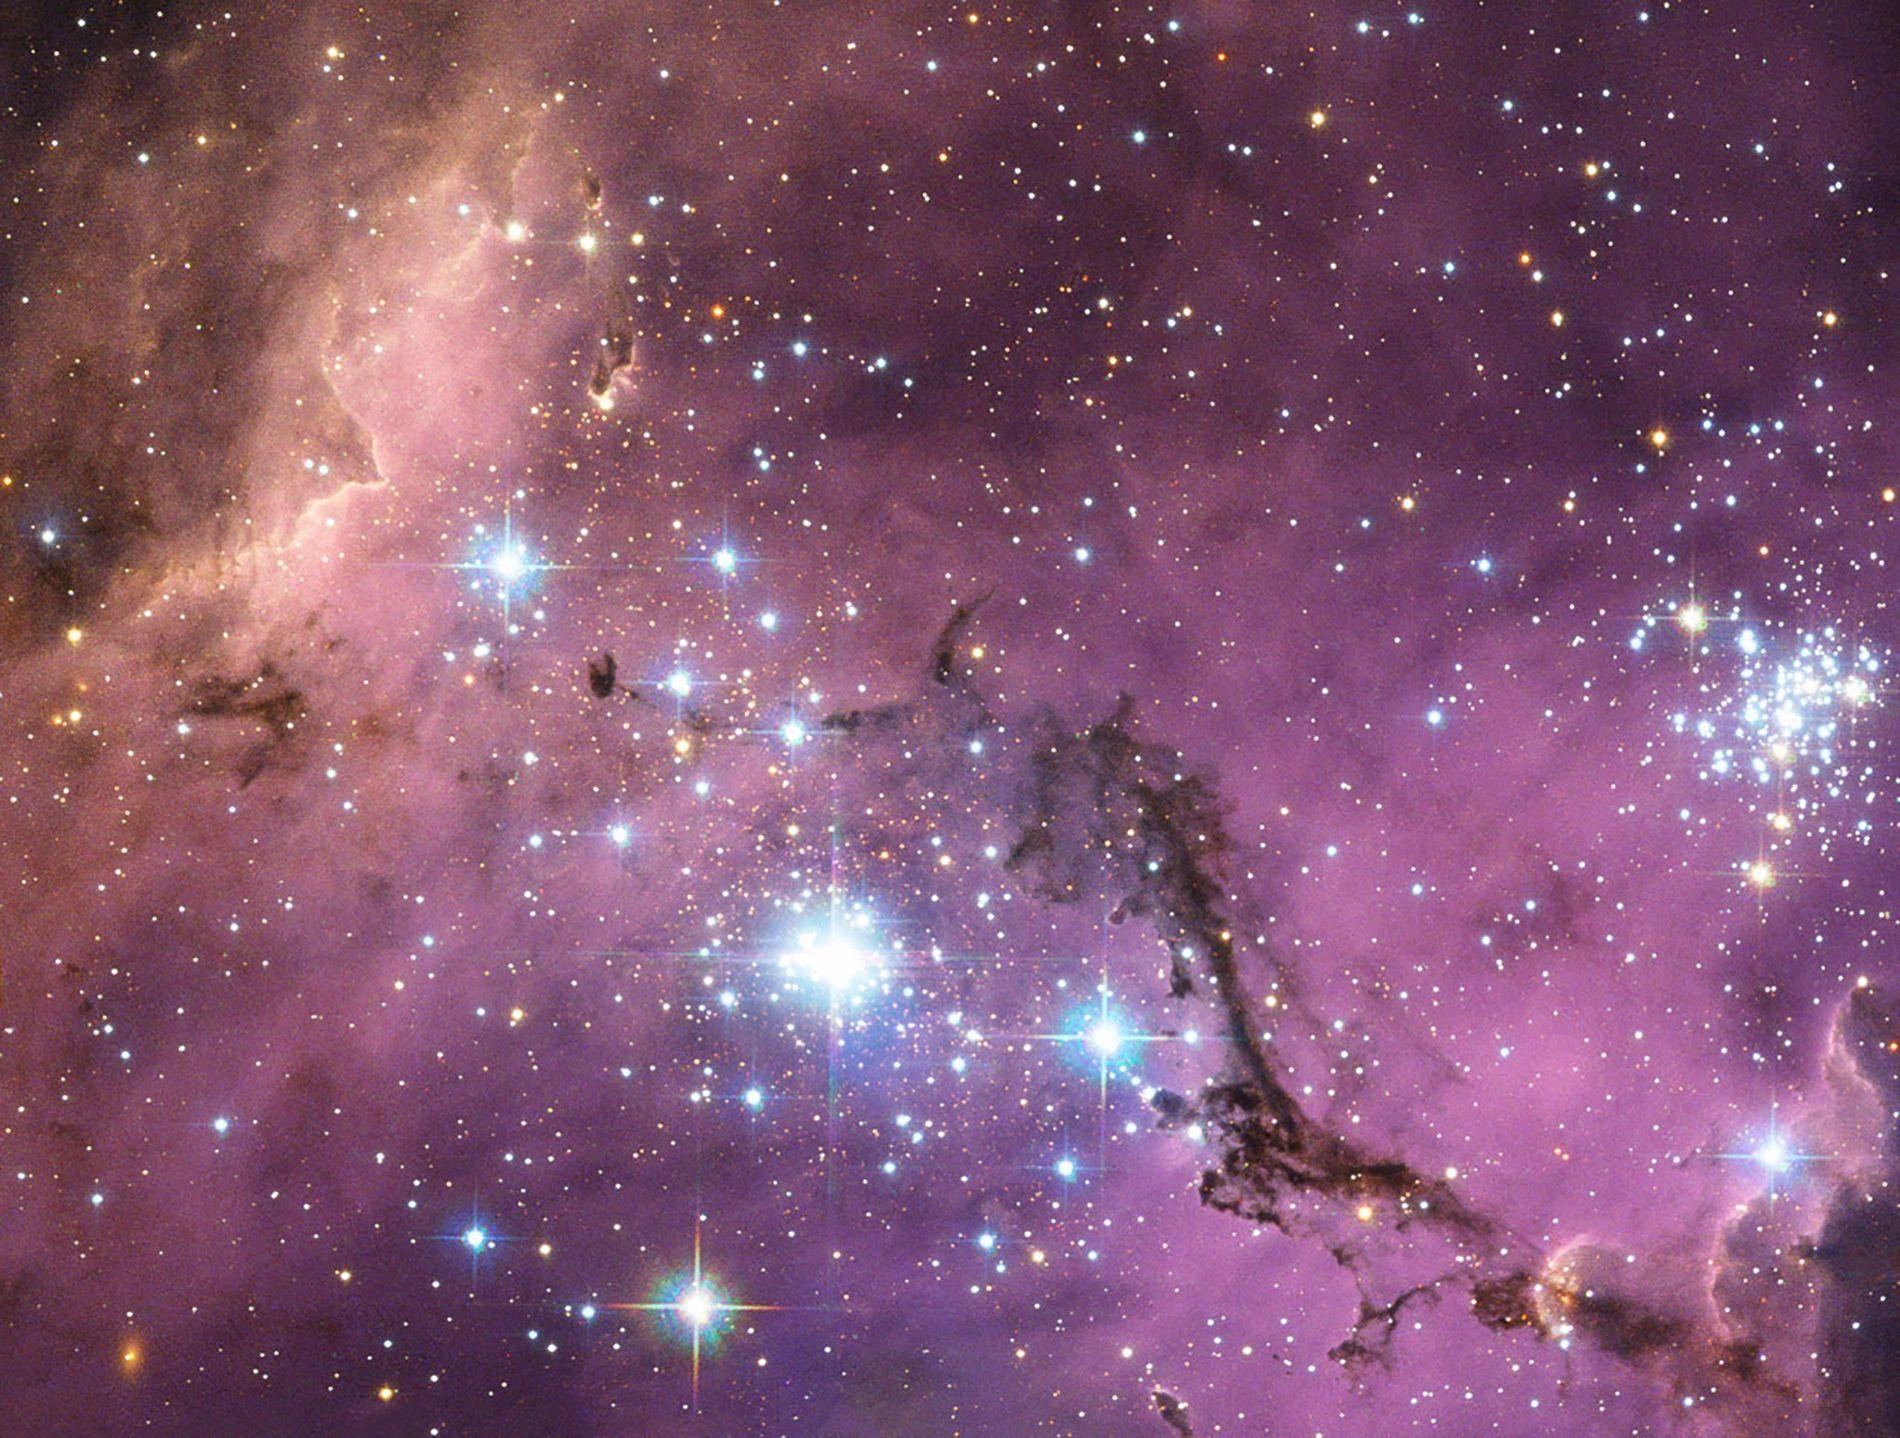 Situé à près de 200 000 années-lumière de la Terre, le Grand Nuage de Magellan est une galaxie satellite de la Voie lactée, c'est à dire qu'elle gravite autour de cette dernière. À mesure que la Voie lactée tire sur ses nuages de gaz, ils s'effondrent pour donner naissance à de nouvelles étoiles qui illuminent le Grand Nuage de Magellan de splendides couleurs à la manière d'un kaléidoscope.